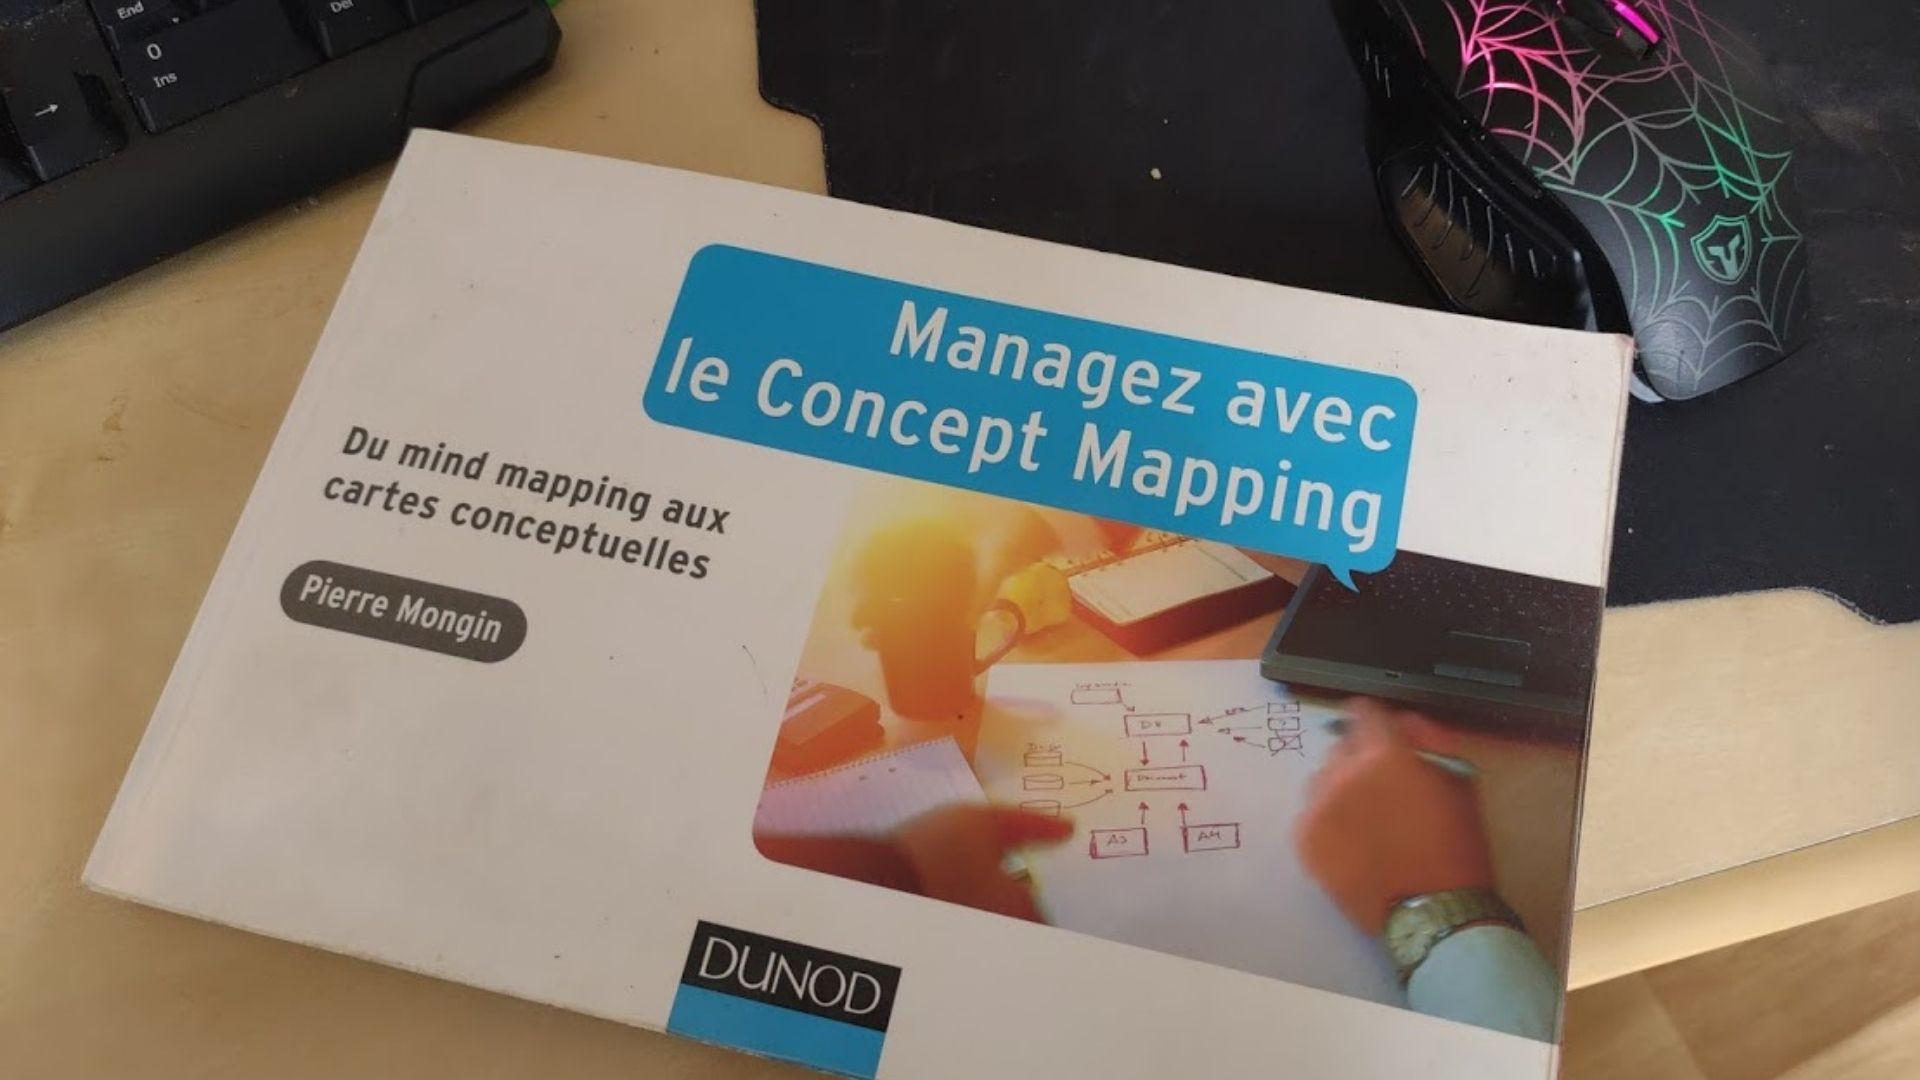 Managez avec le Concept Mapping de Pierre Mongin